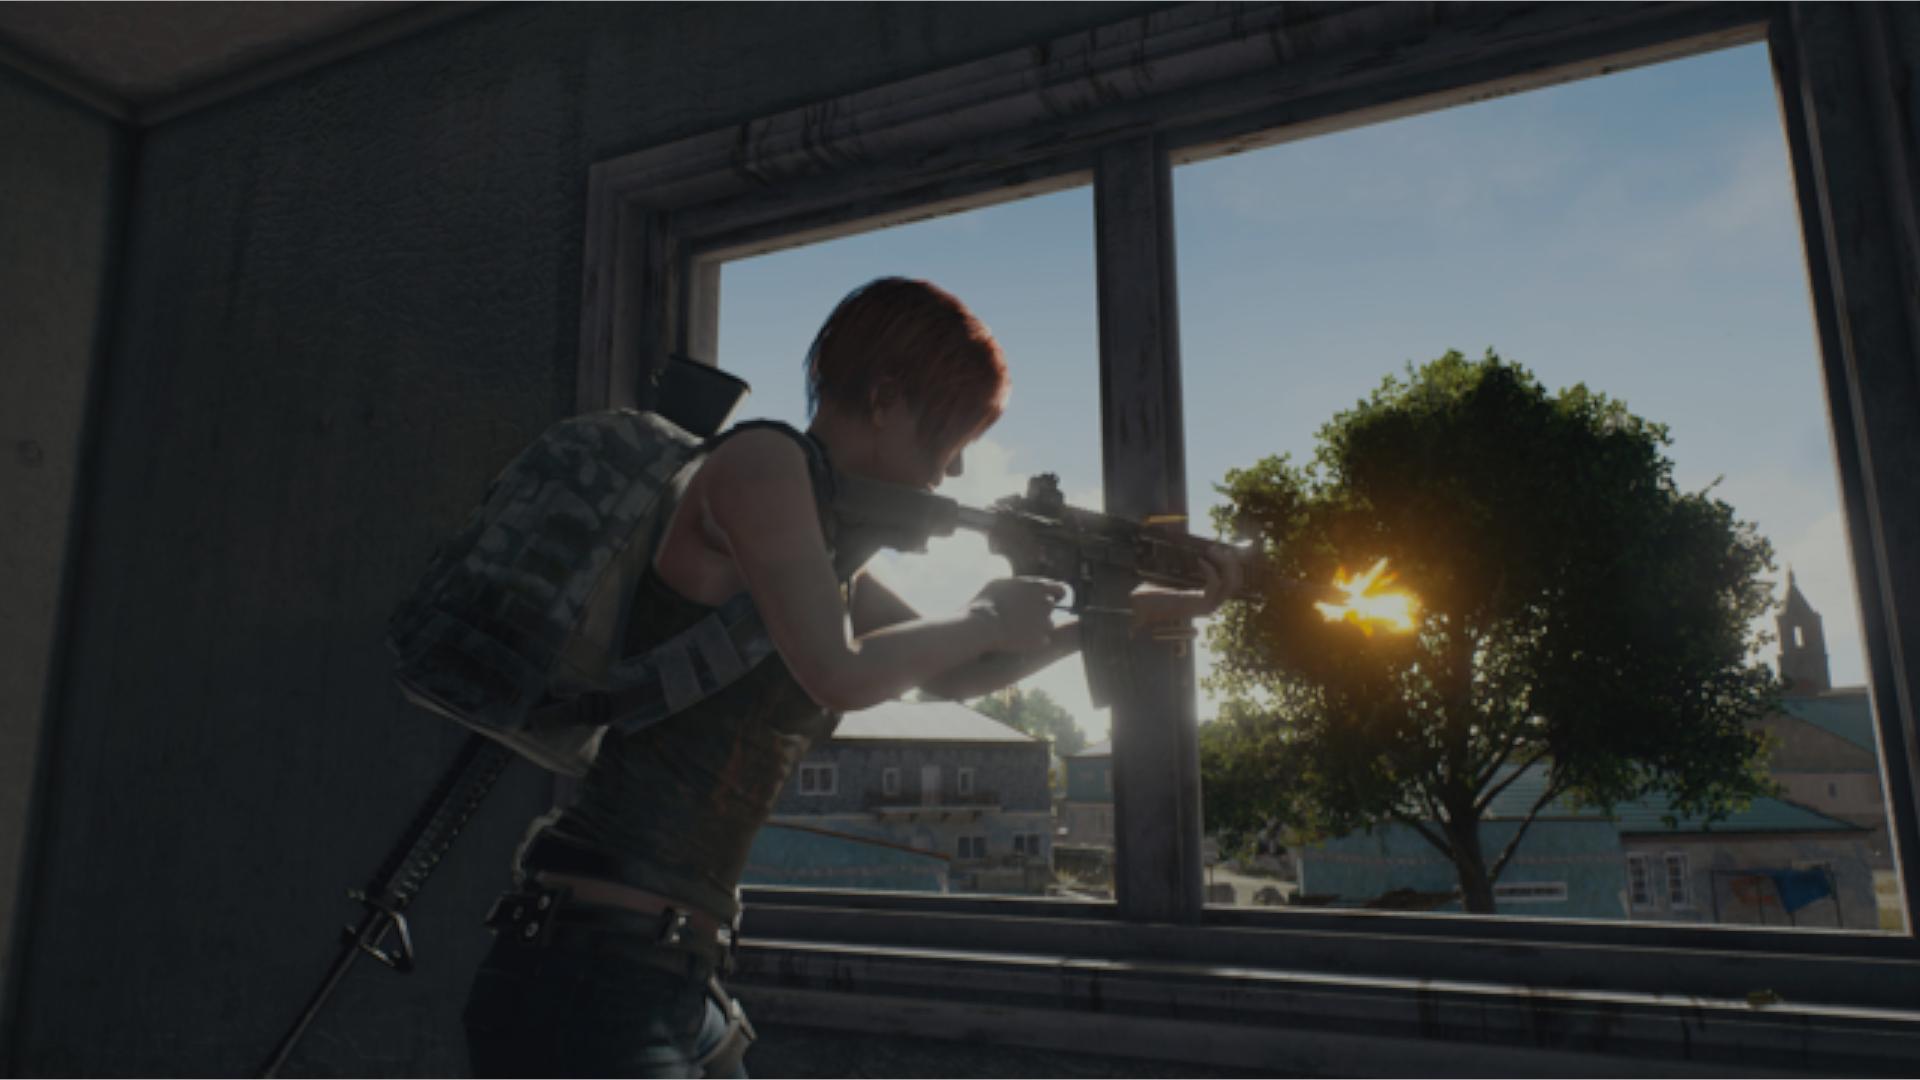 Ilustração promocional de PUBG mostrando personagem feminina atirando a partir da janela de uma casa